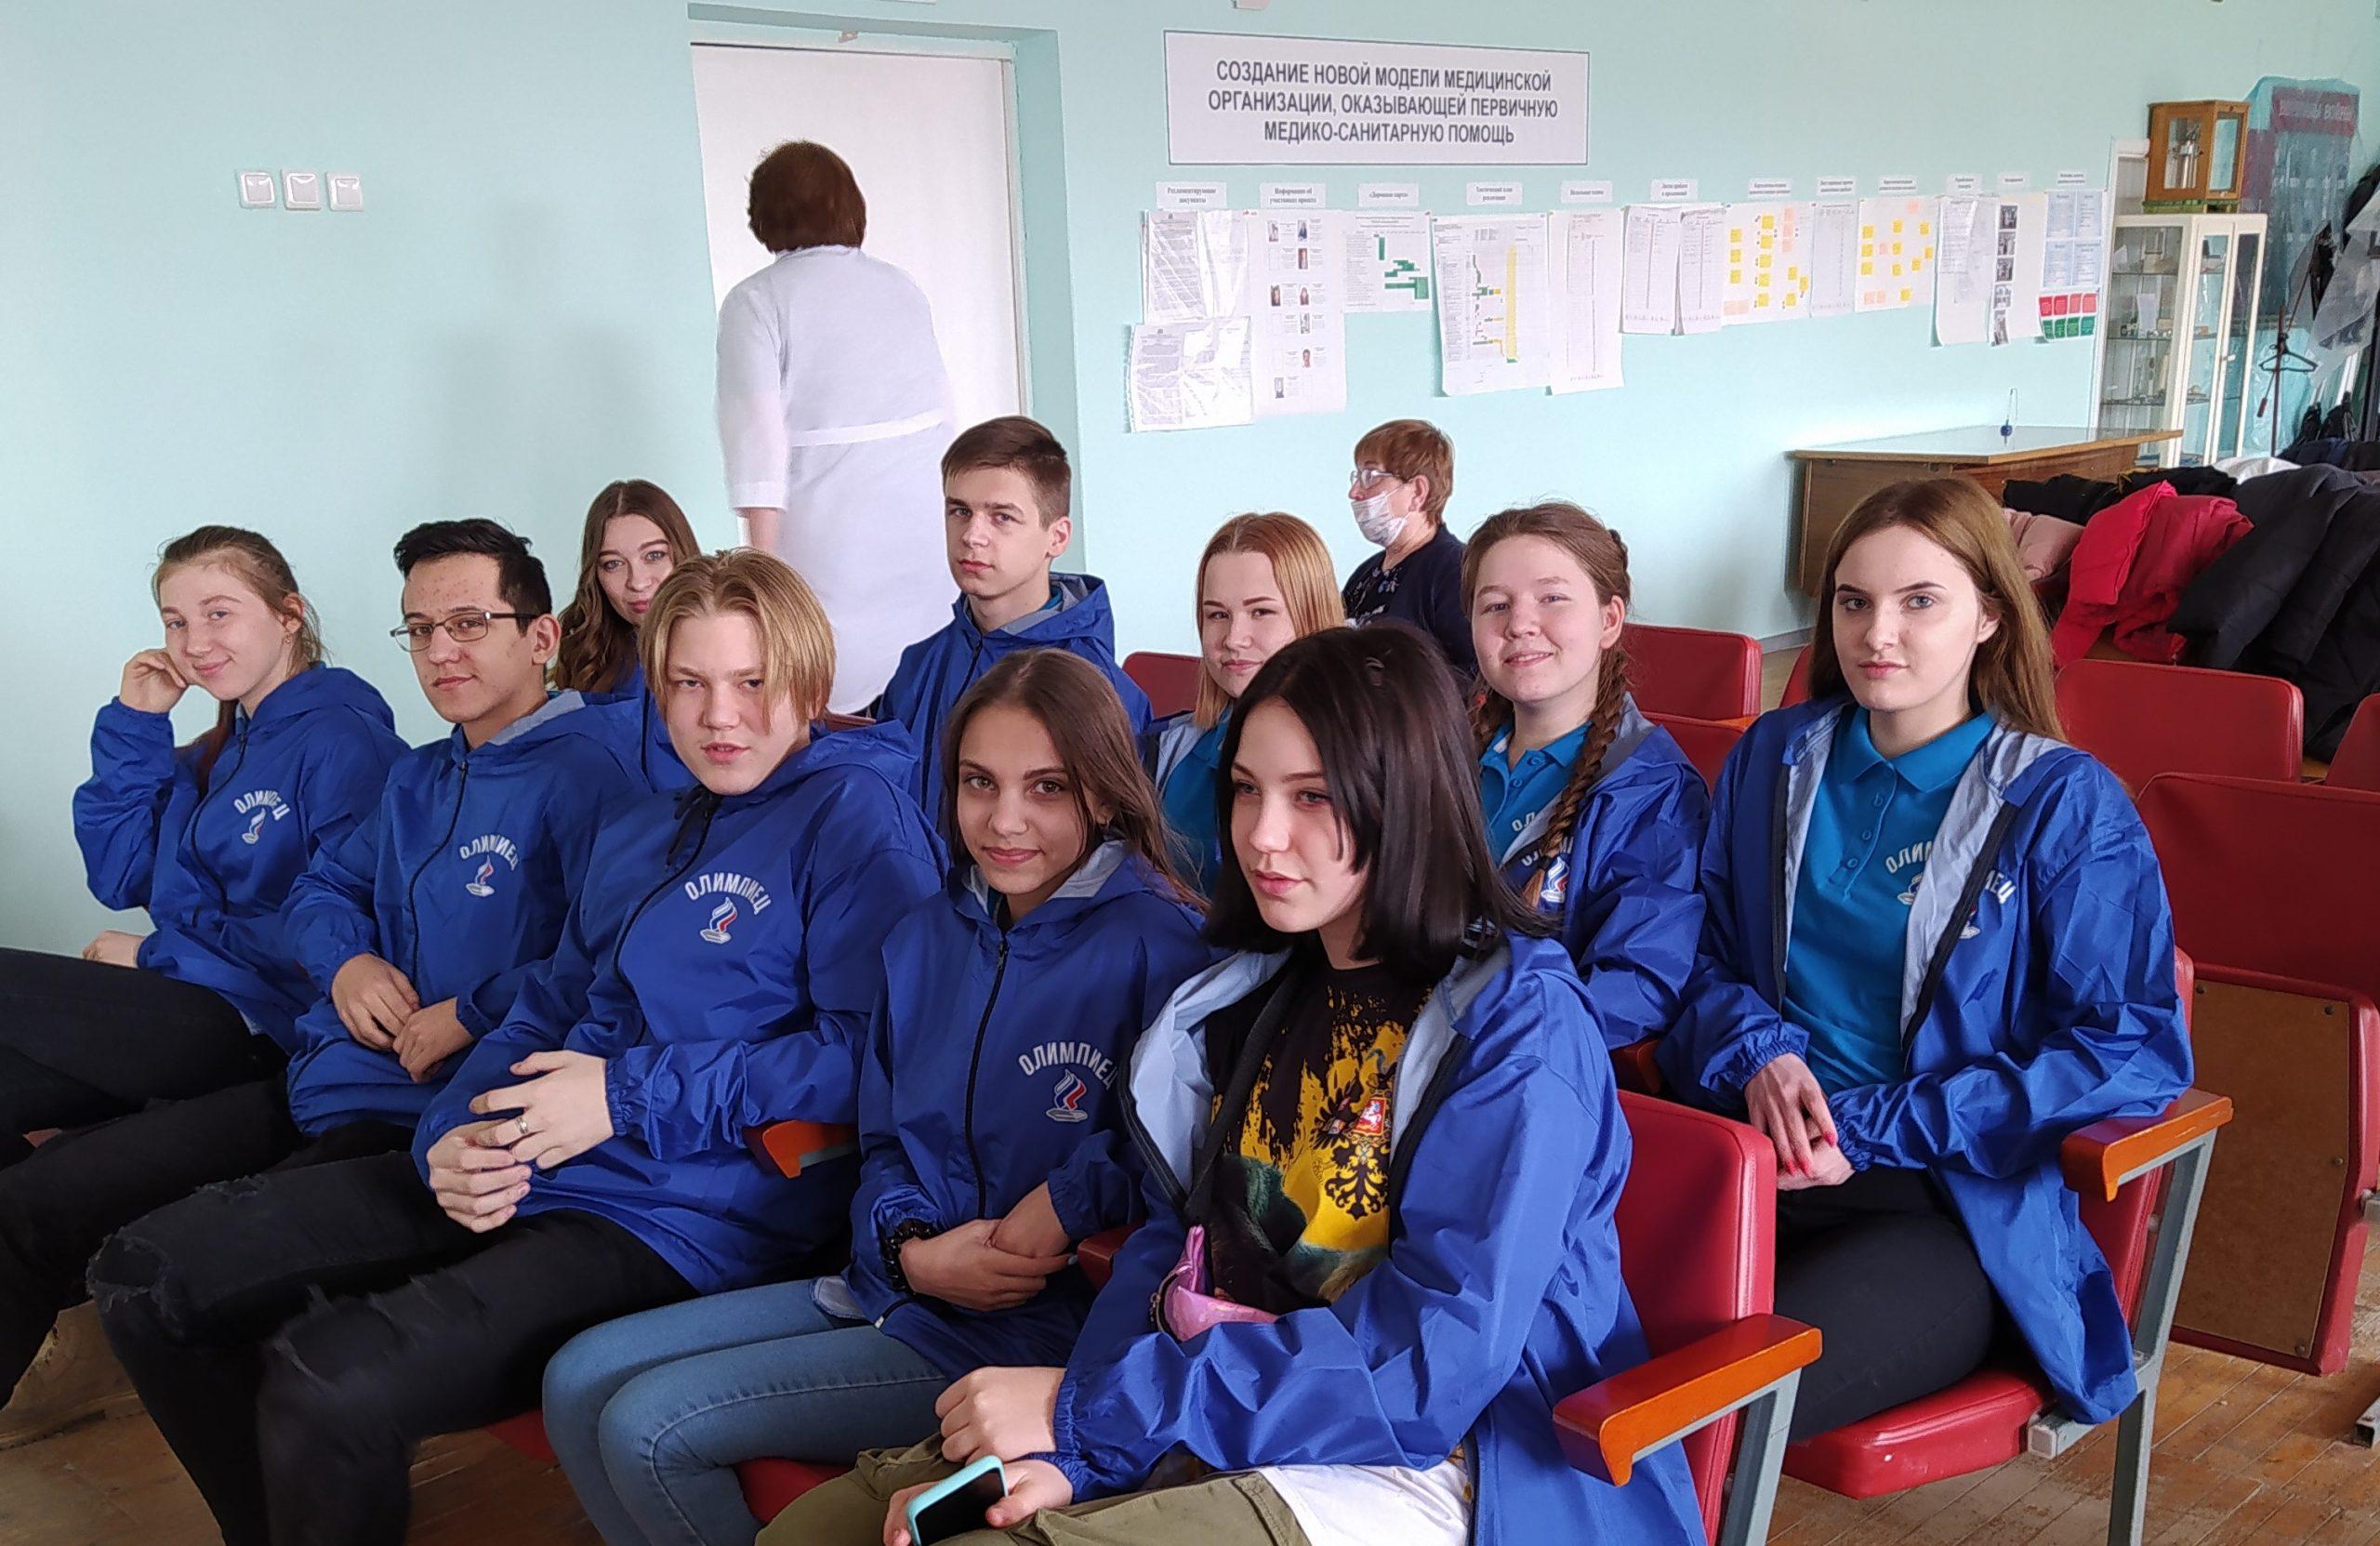 Пожилым людям в Березовском доставят на дом рецепты на льготные лекарства